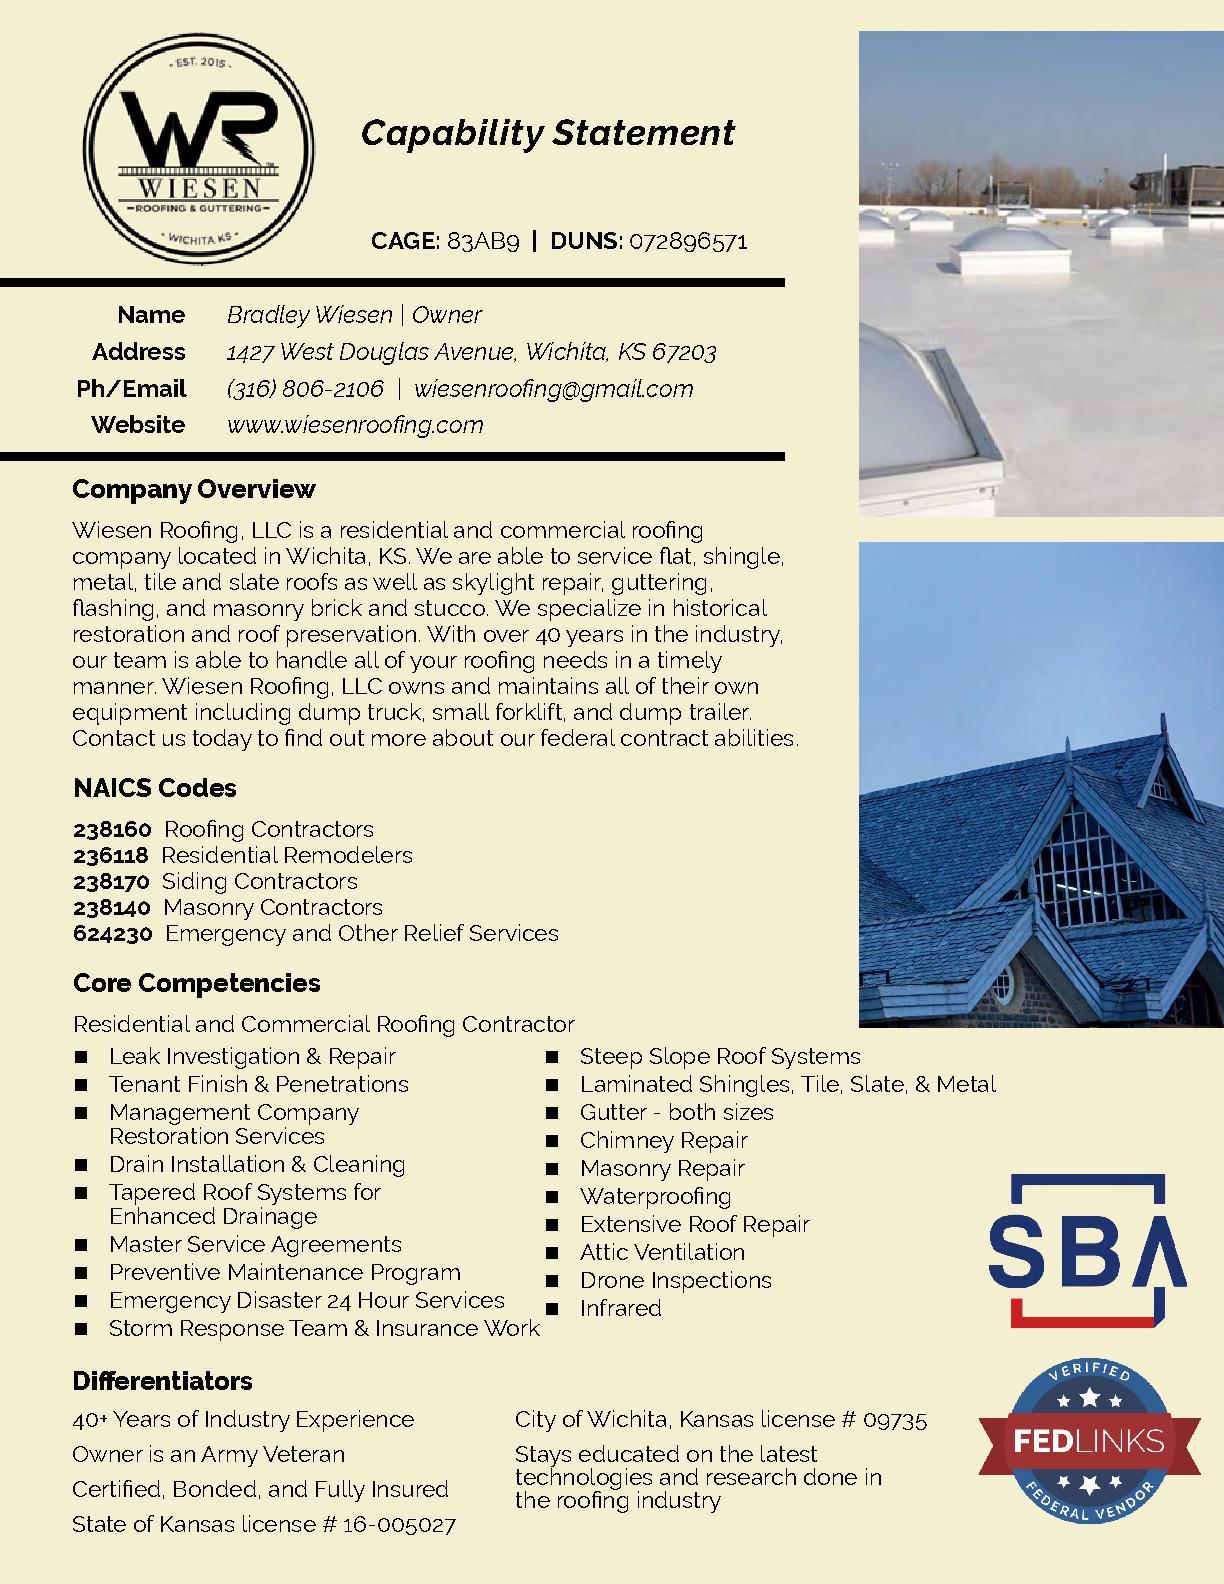 Wiesen roofing  llc